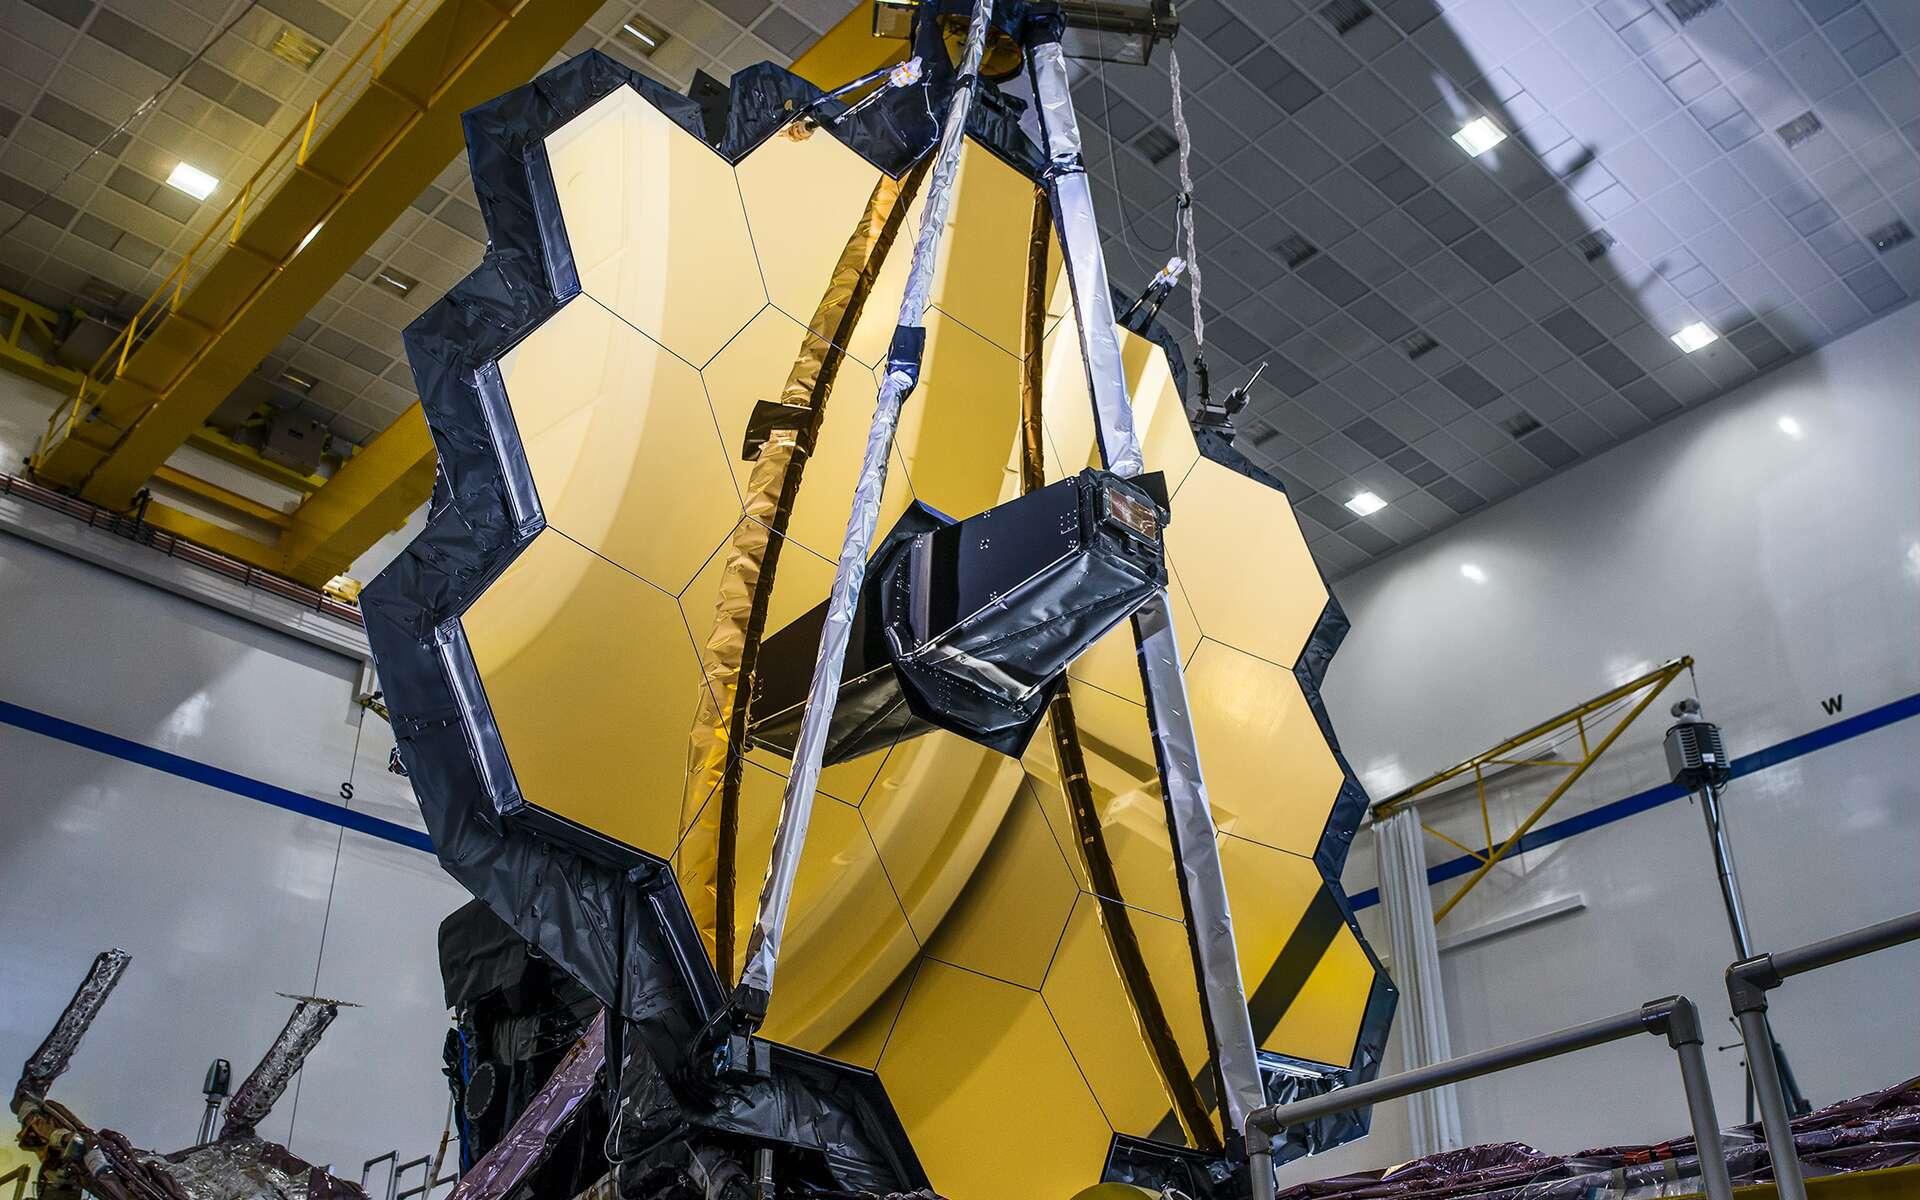 Le miroir primaire de l'observatoire spatial James-Webb, lors d'un test de déploiement en gravité zéro simulée. © Nasa, Sophia Roberts